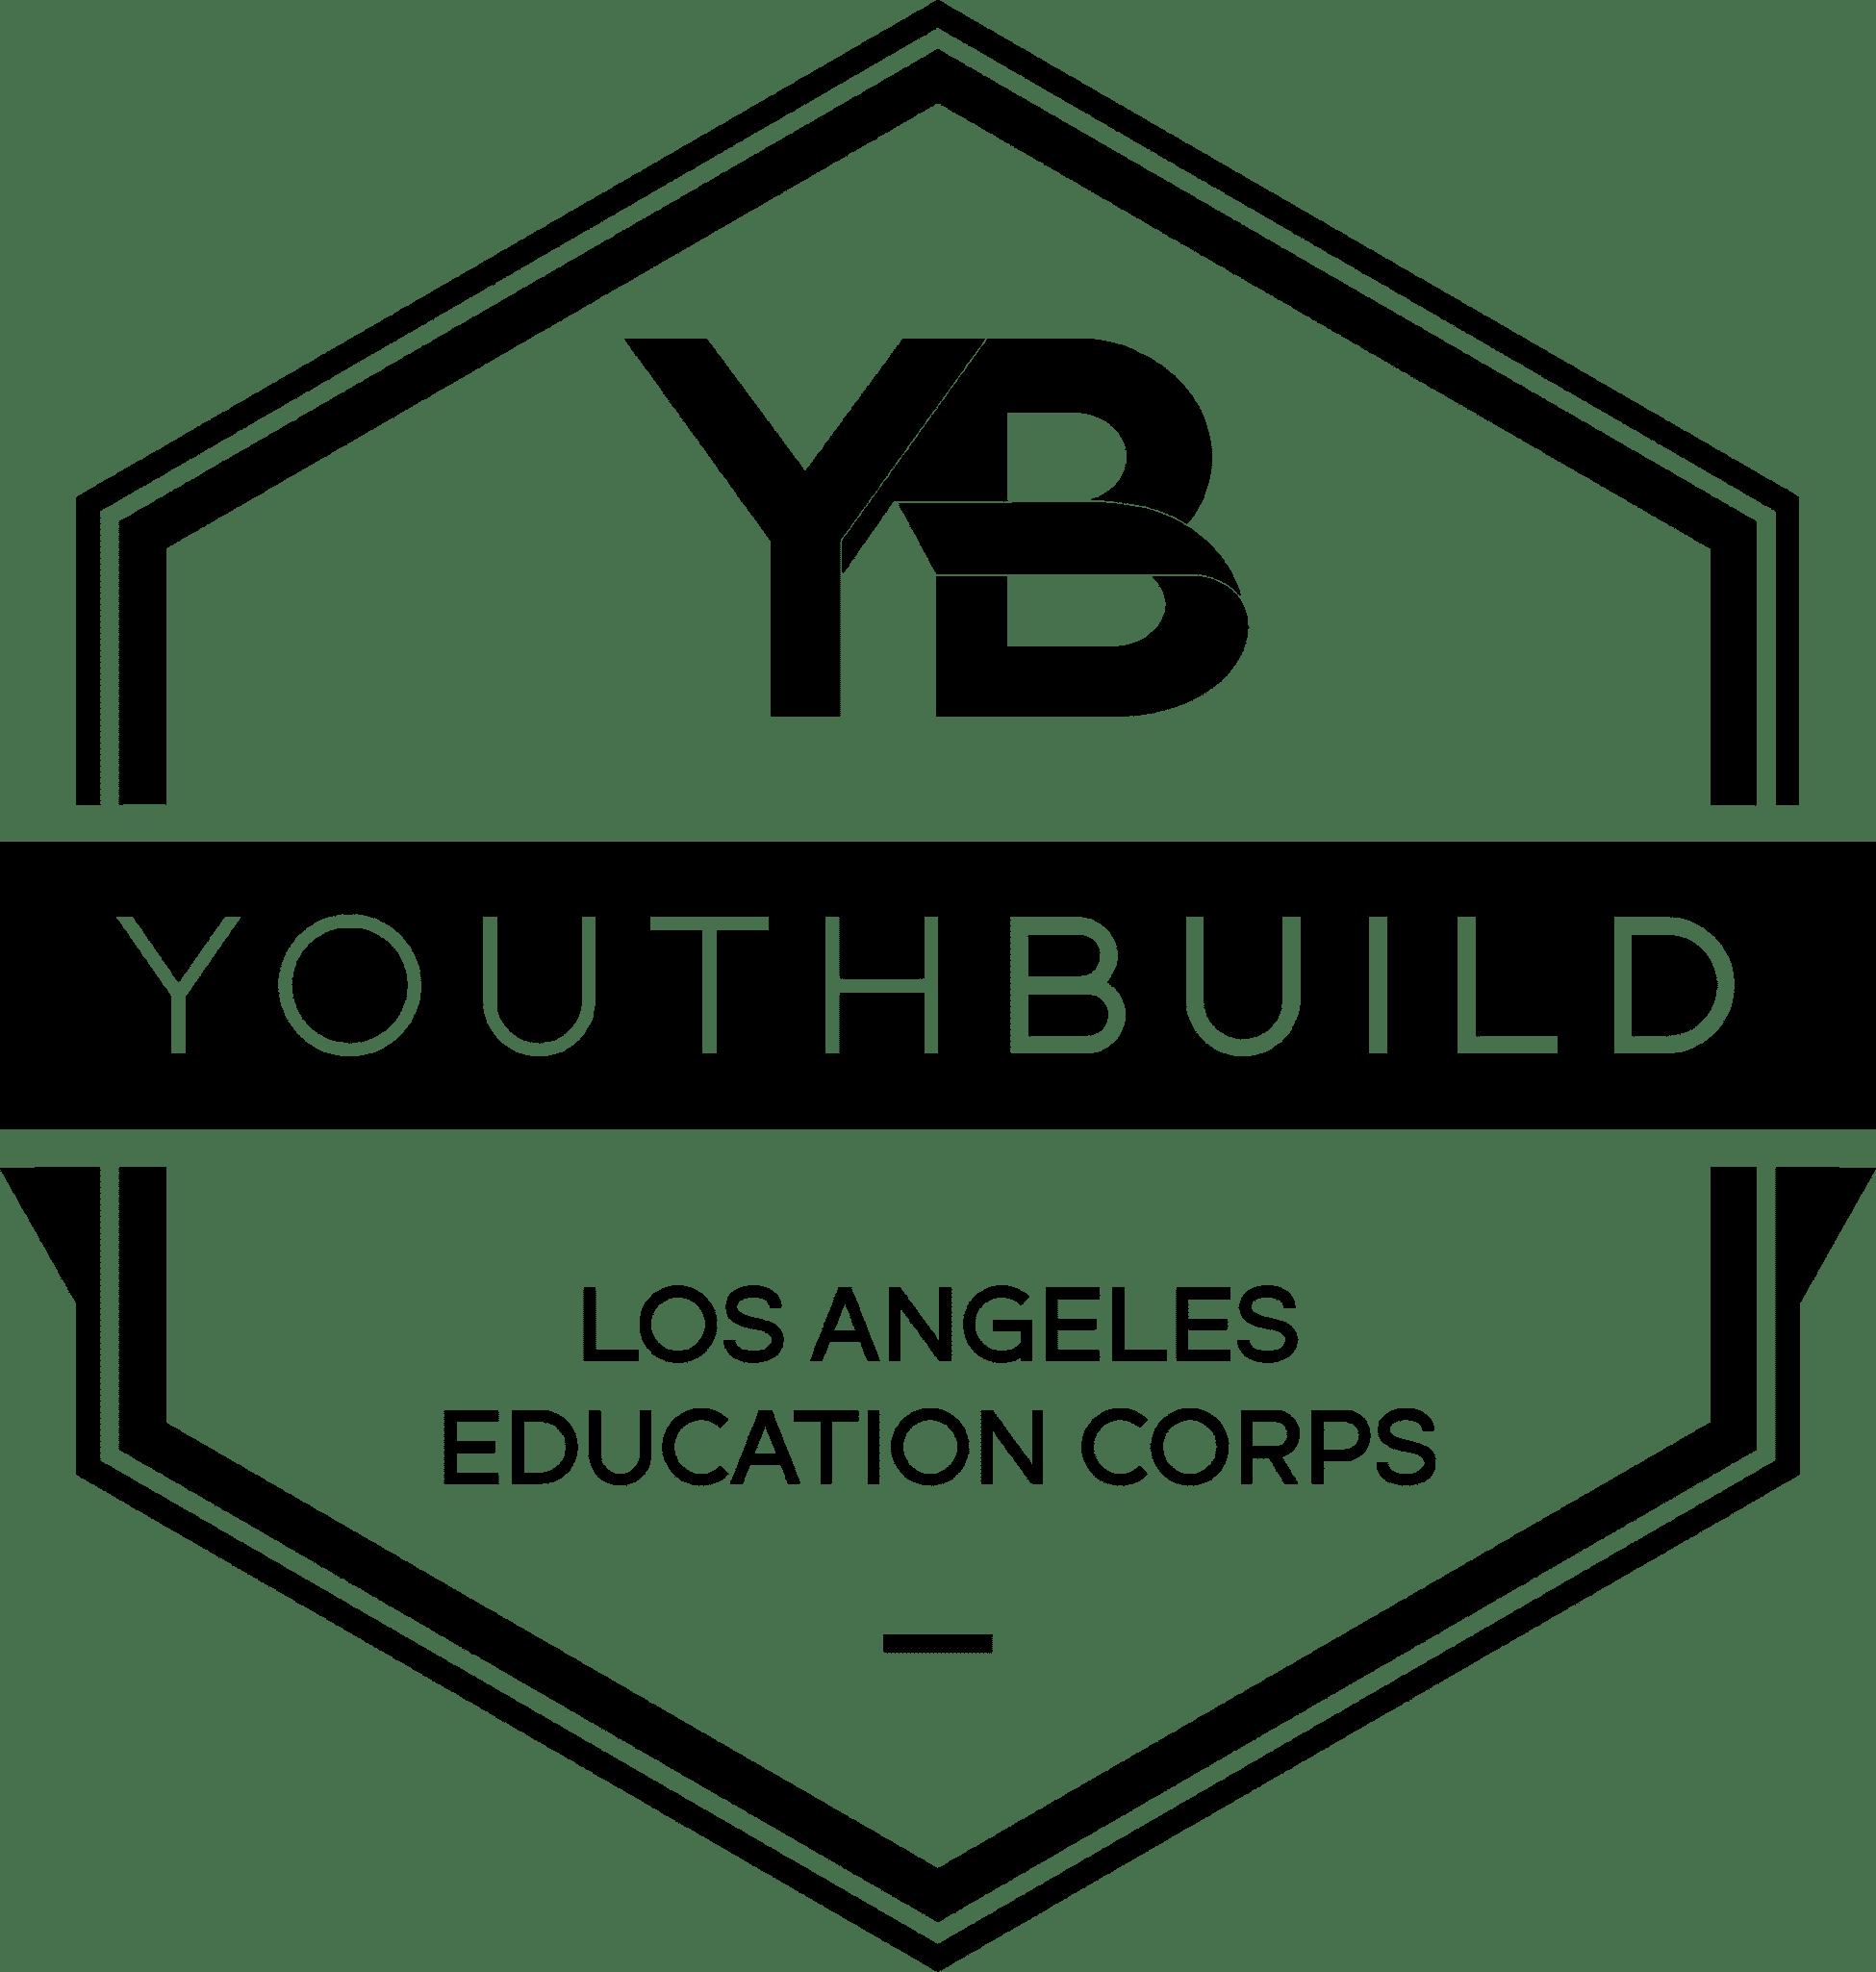 Youthbuild logo